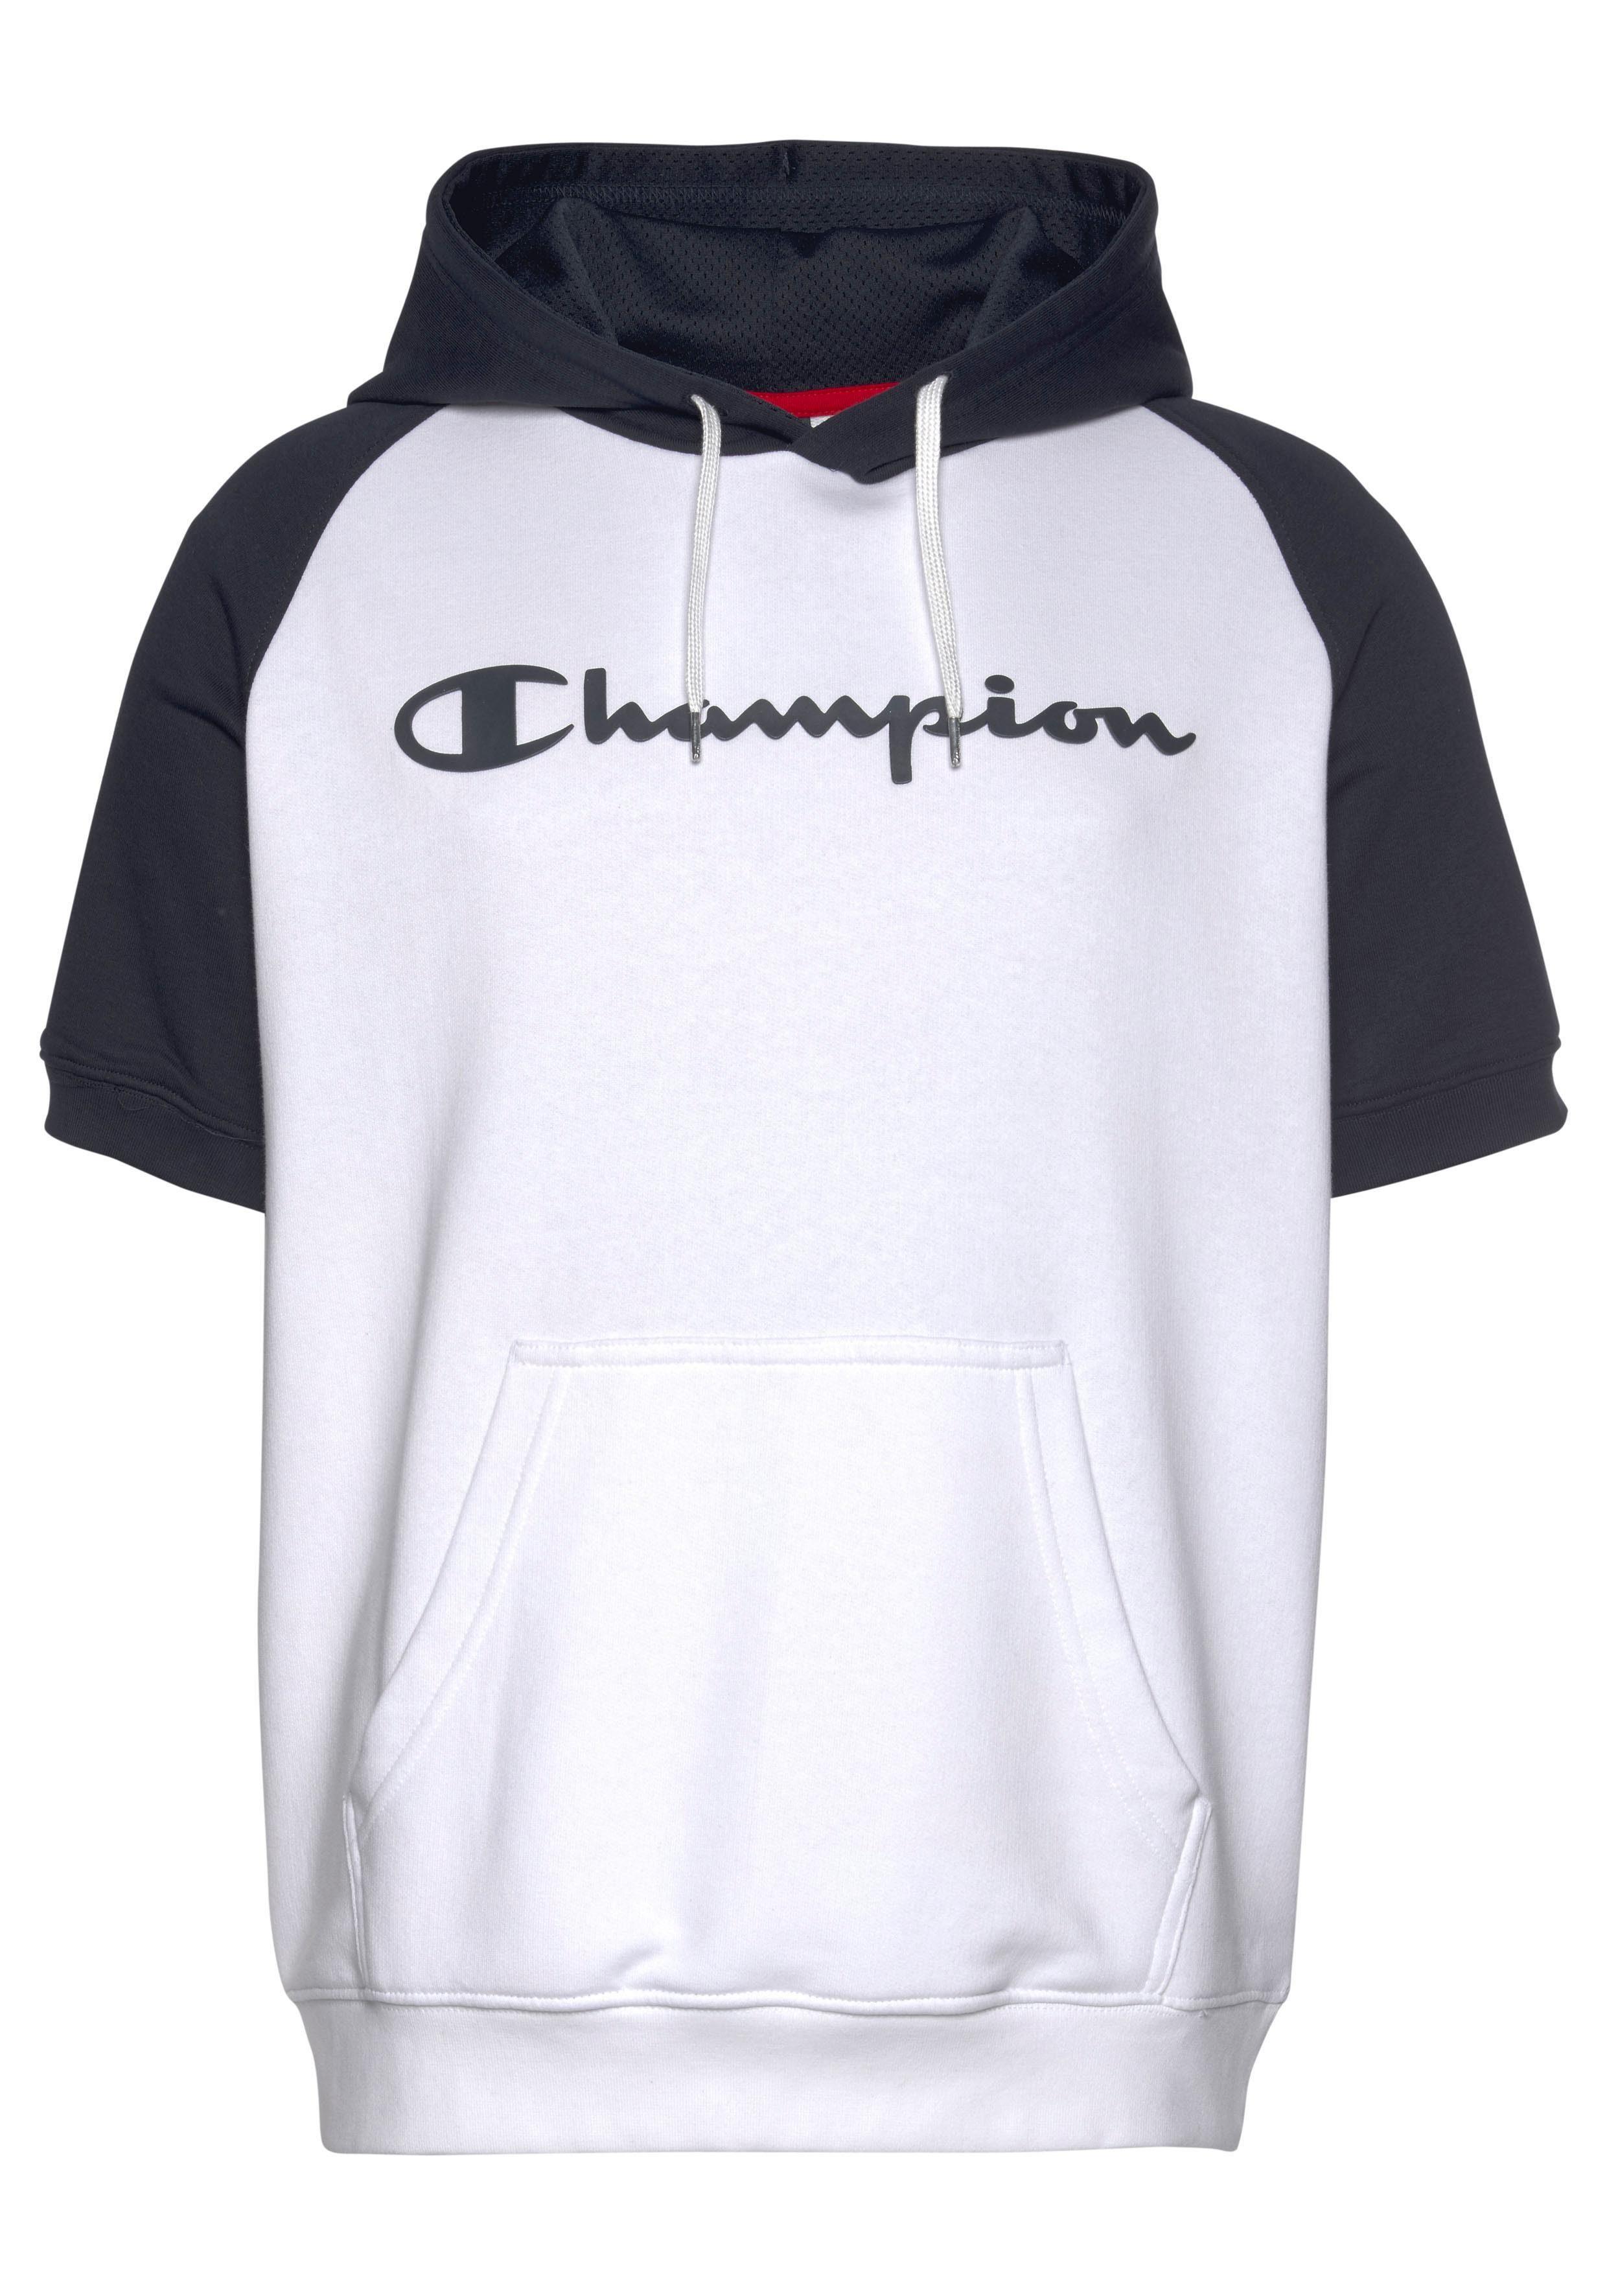 Champion Kapuzensweatshirt Kapuzensweatshirt Champion Kapuzensweatshirt Kapuzensweatshirt Champion Champion Kapuzensweatshirt Champion WBgqqRYw